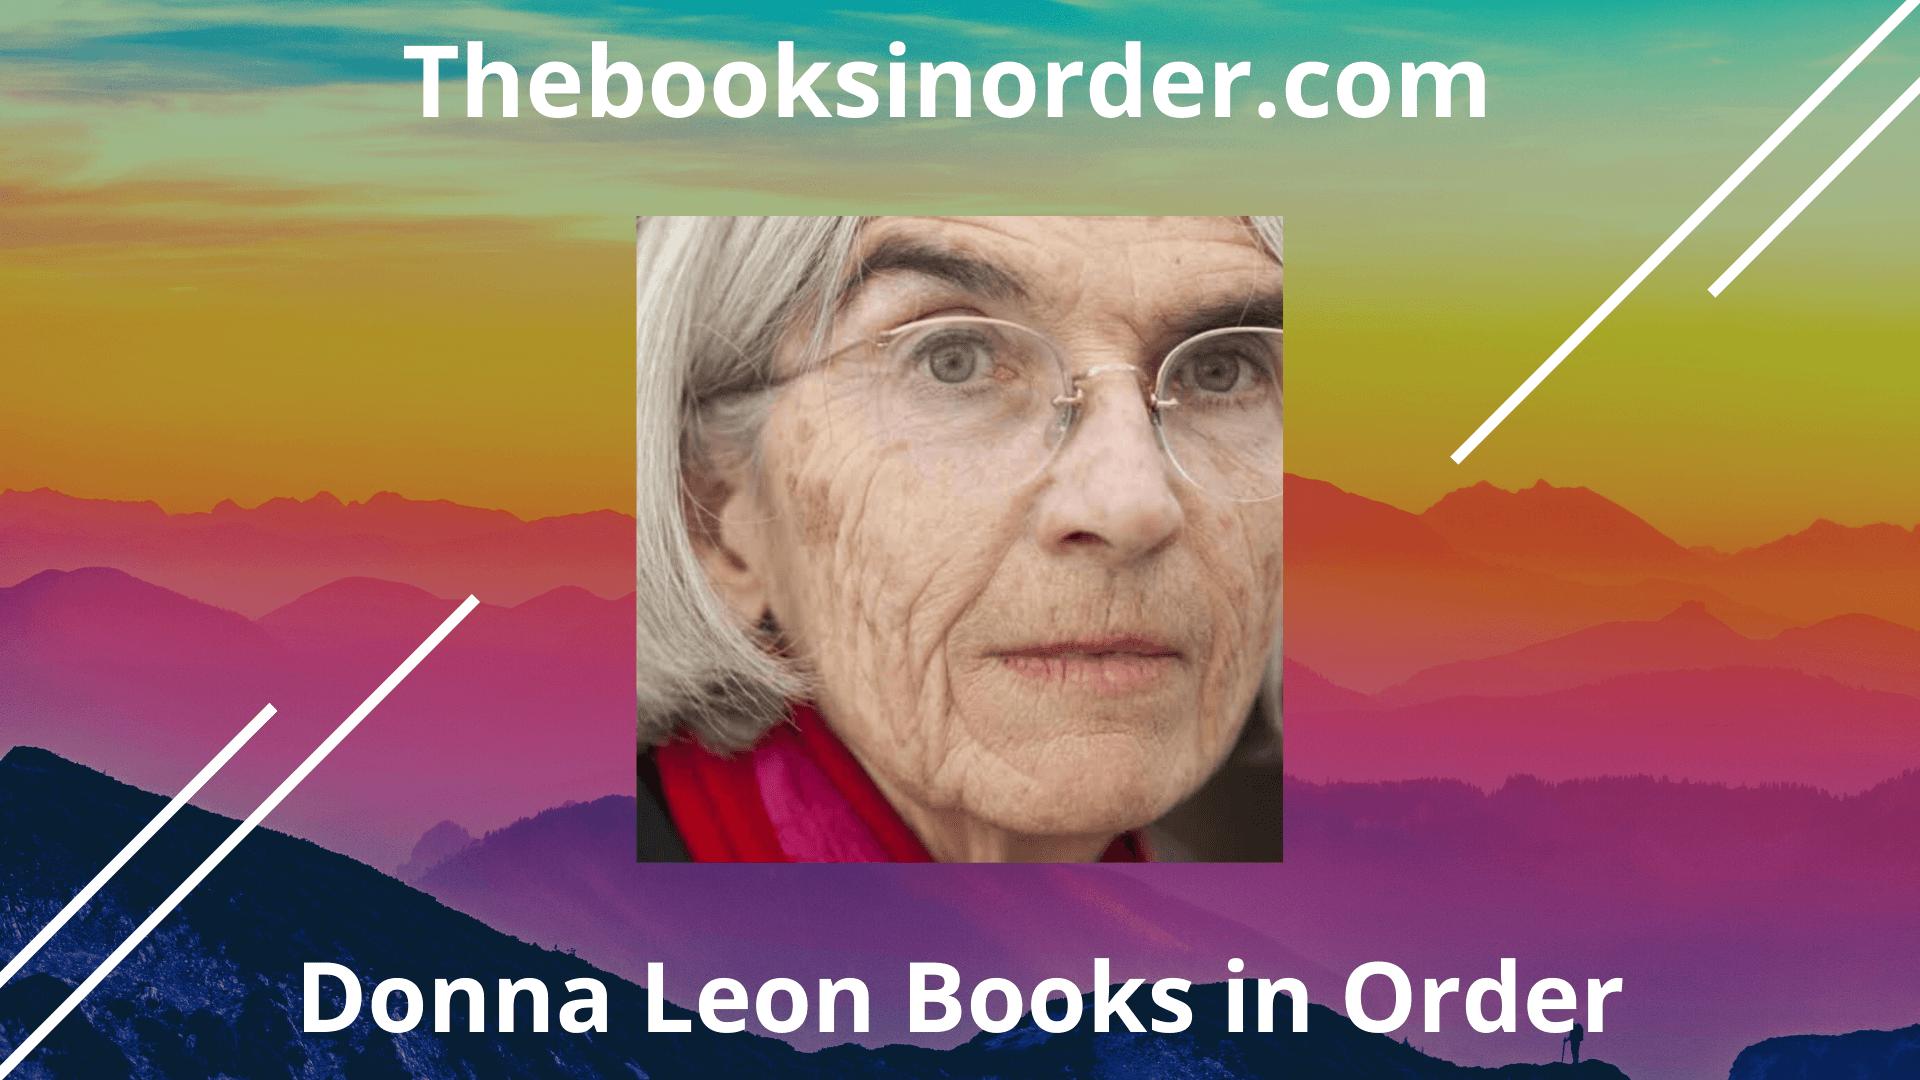 donna leon books, donna leon books in order, donna leon brunetti books in order, donna leon in order